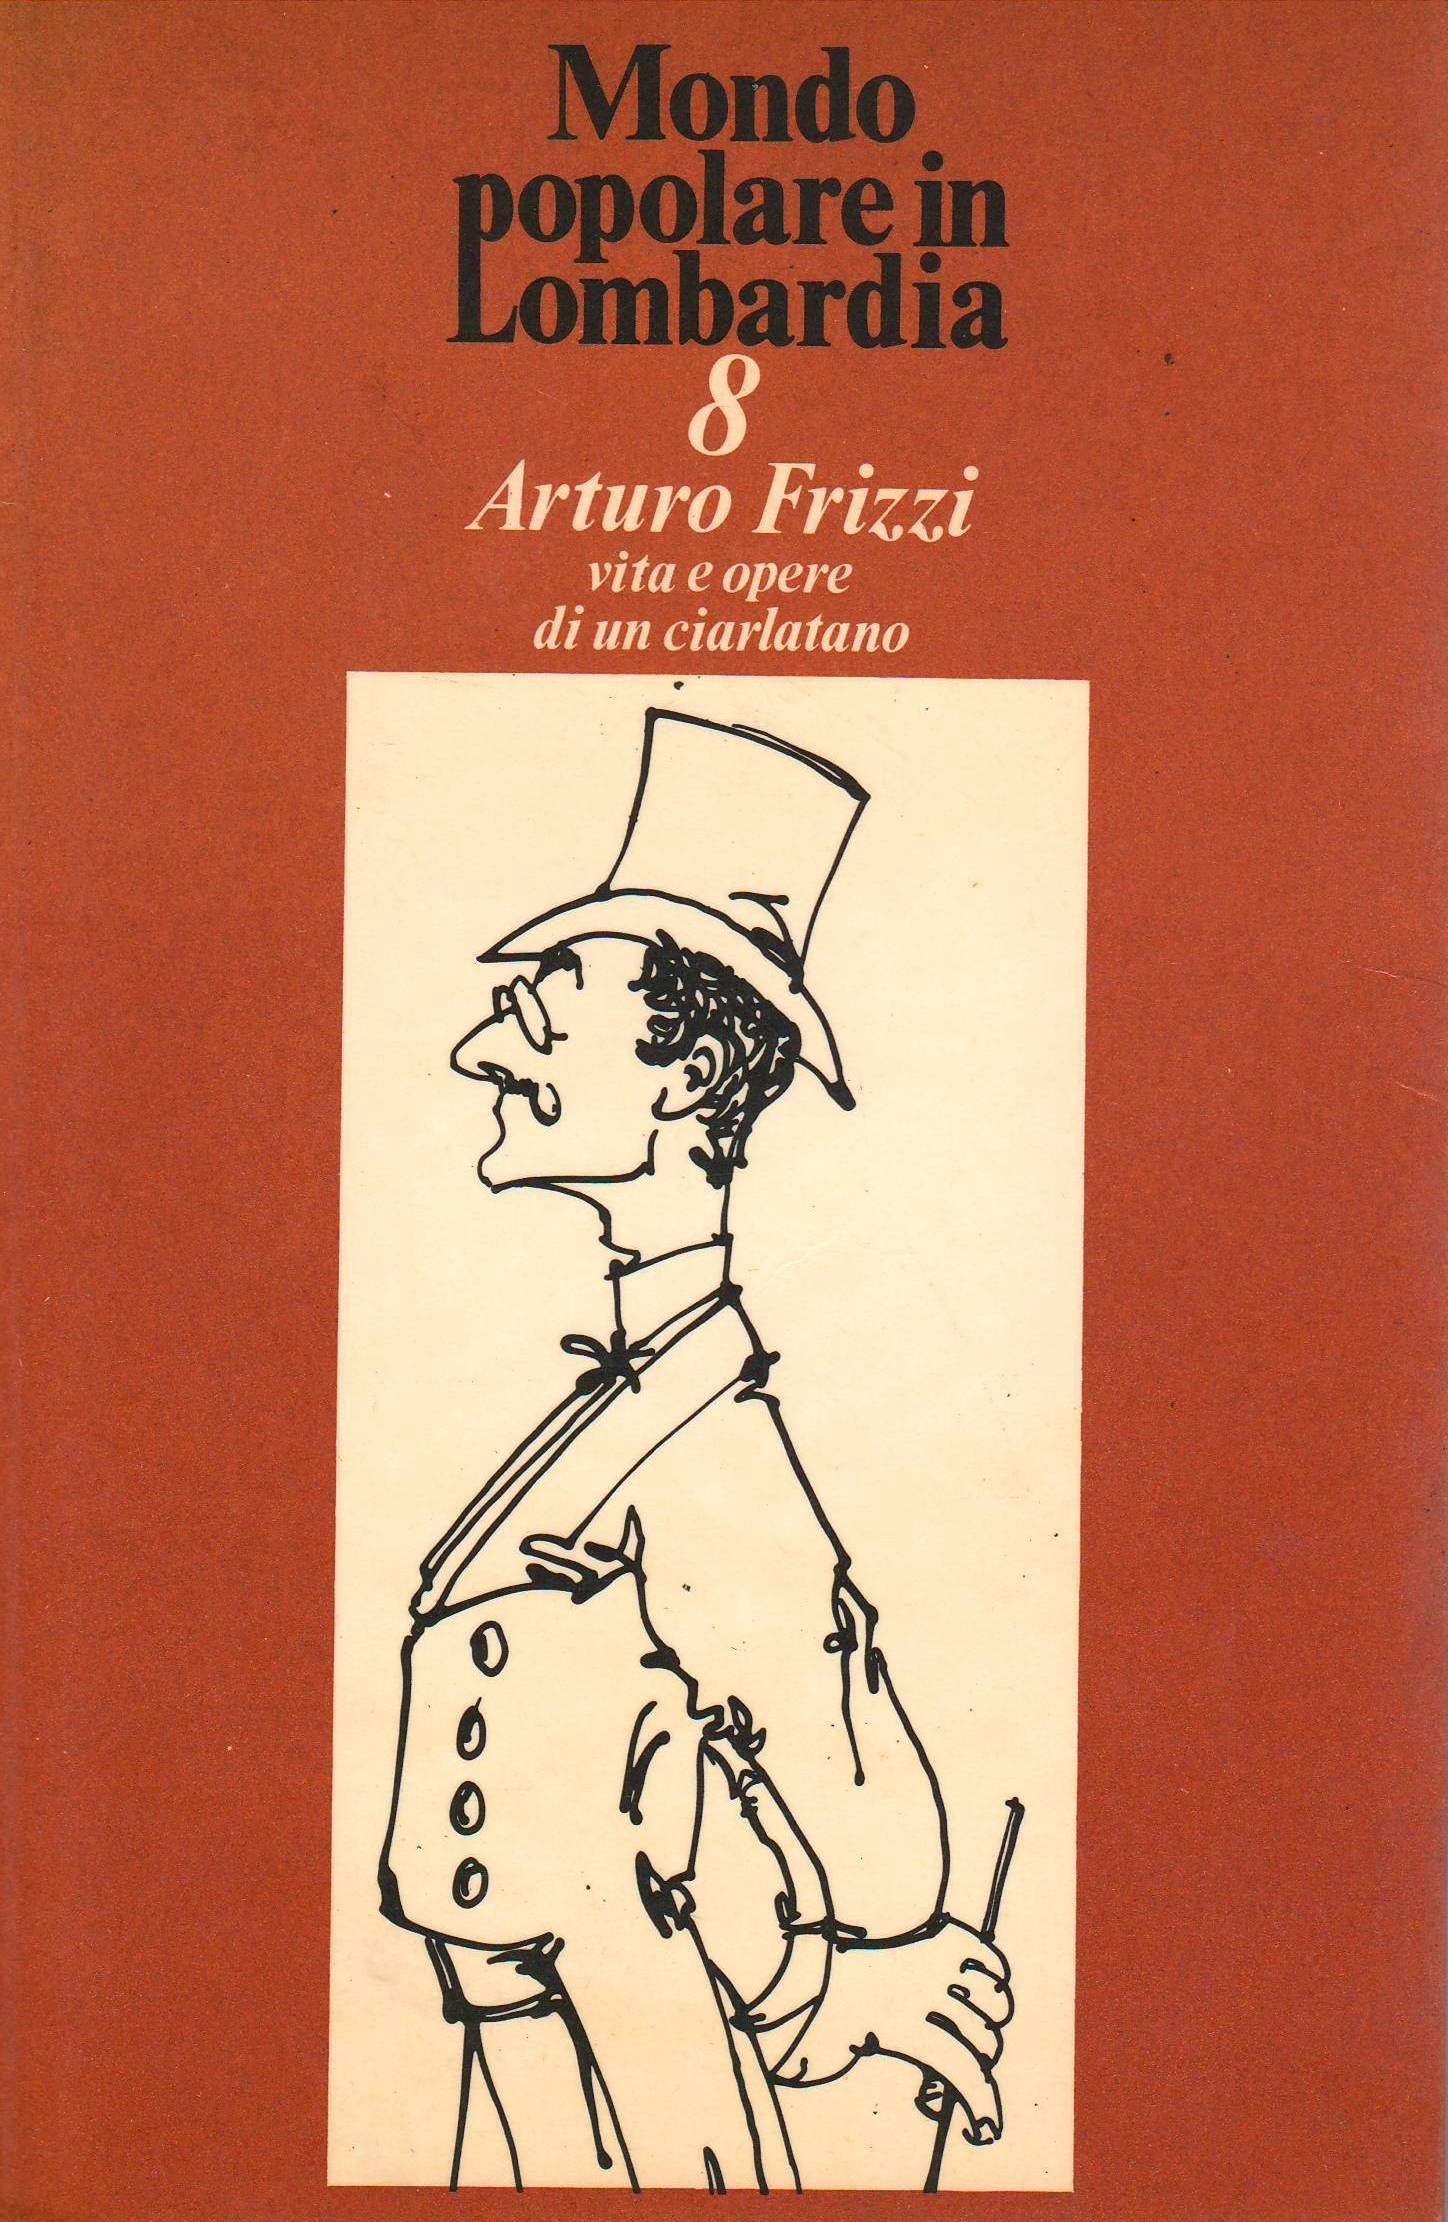 Arturo Frizzi